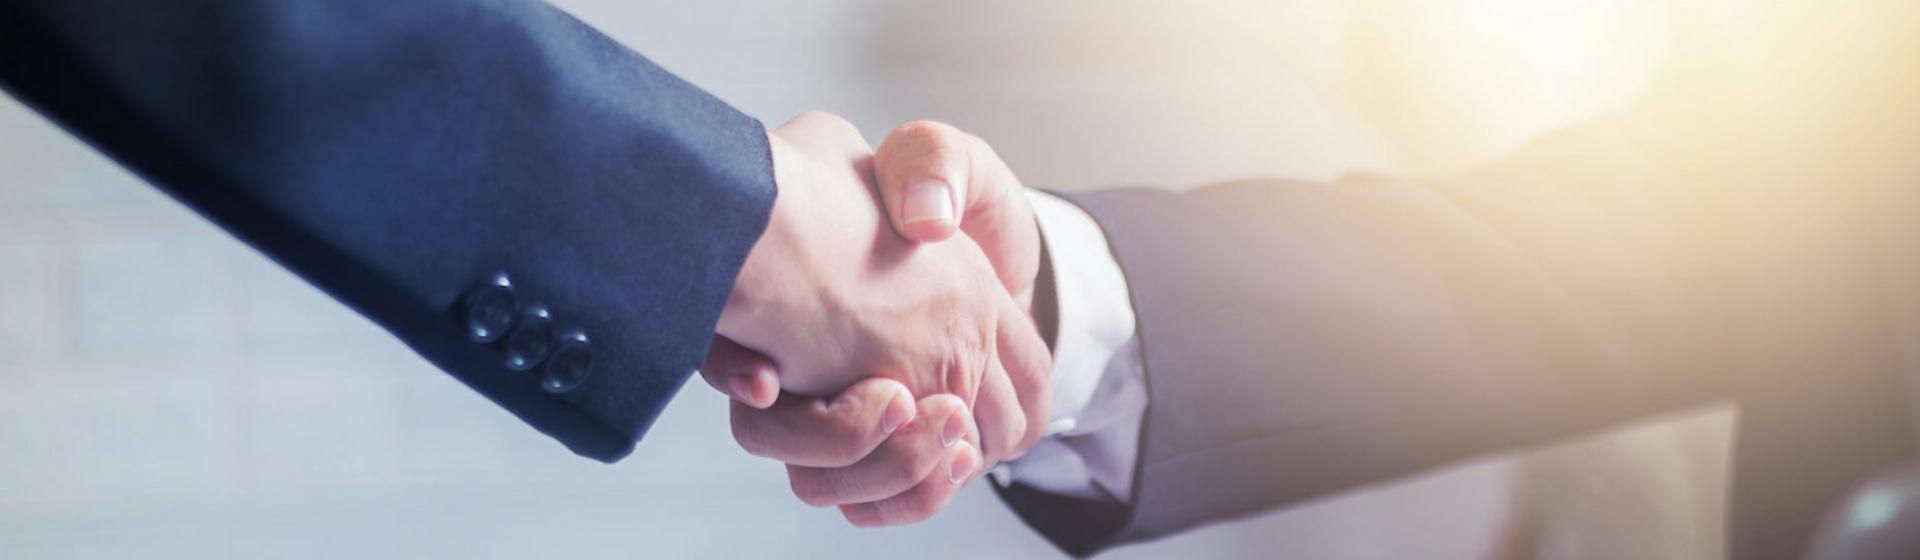 Negociación efectiva: ¡potencia tu rentabilidad y consigue los mejores beneficios!